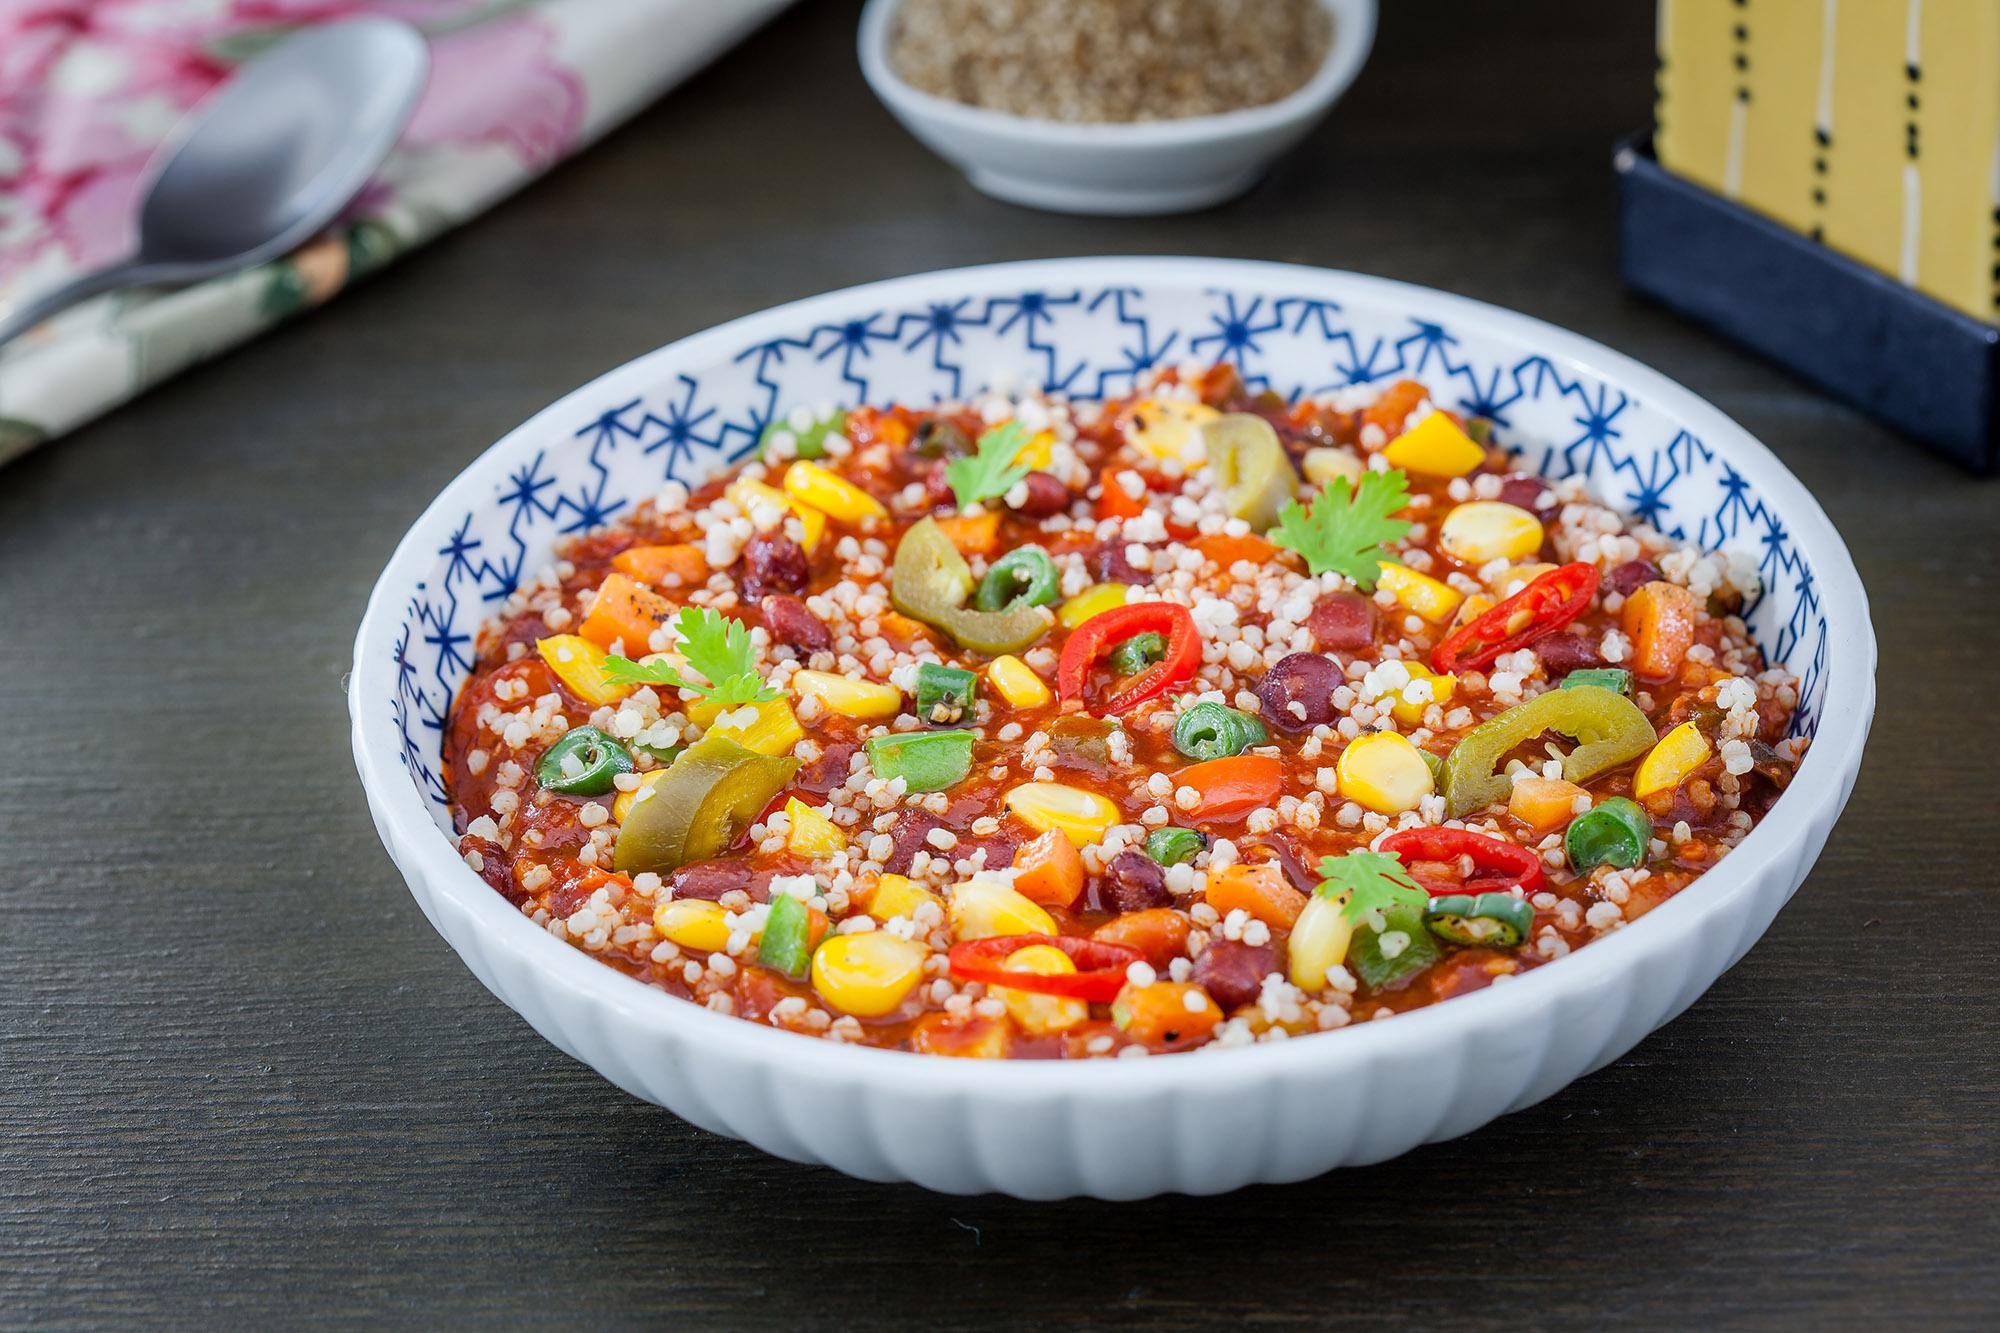 _17FM08975_Red Bean Millet Chilli with Garlic Toasts (Veg) (1).jpg